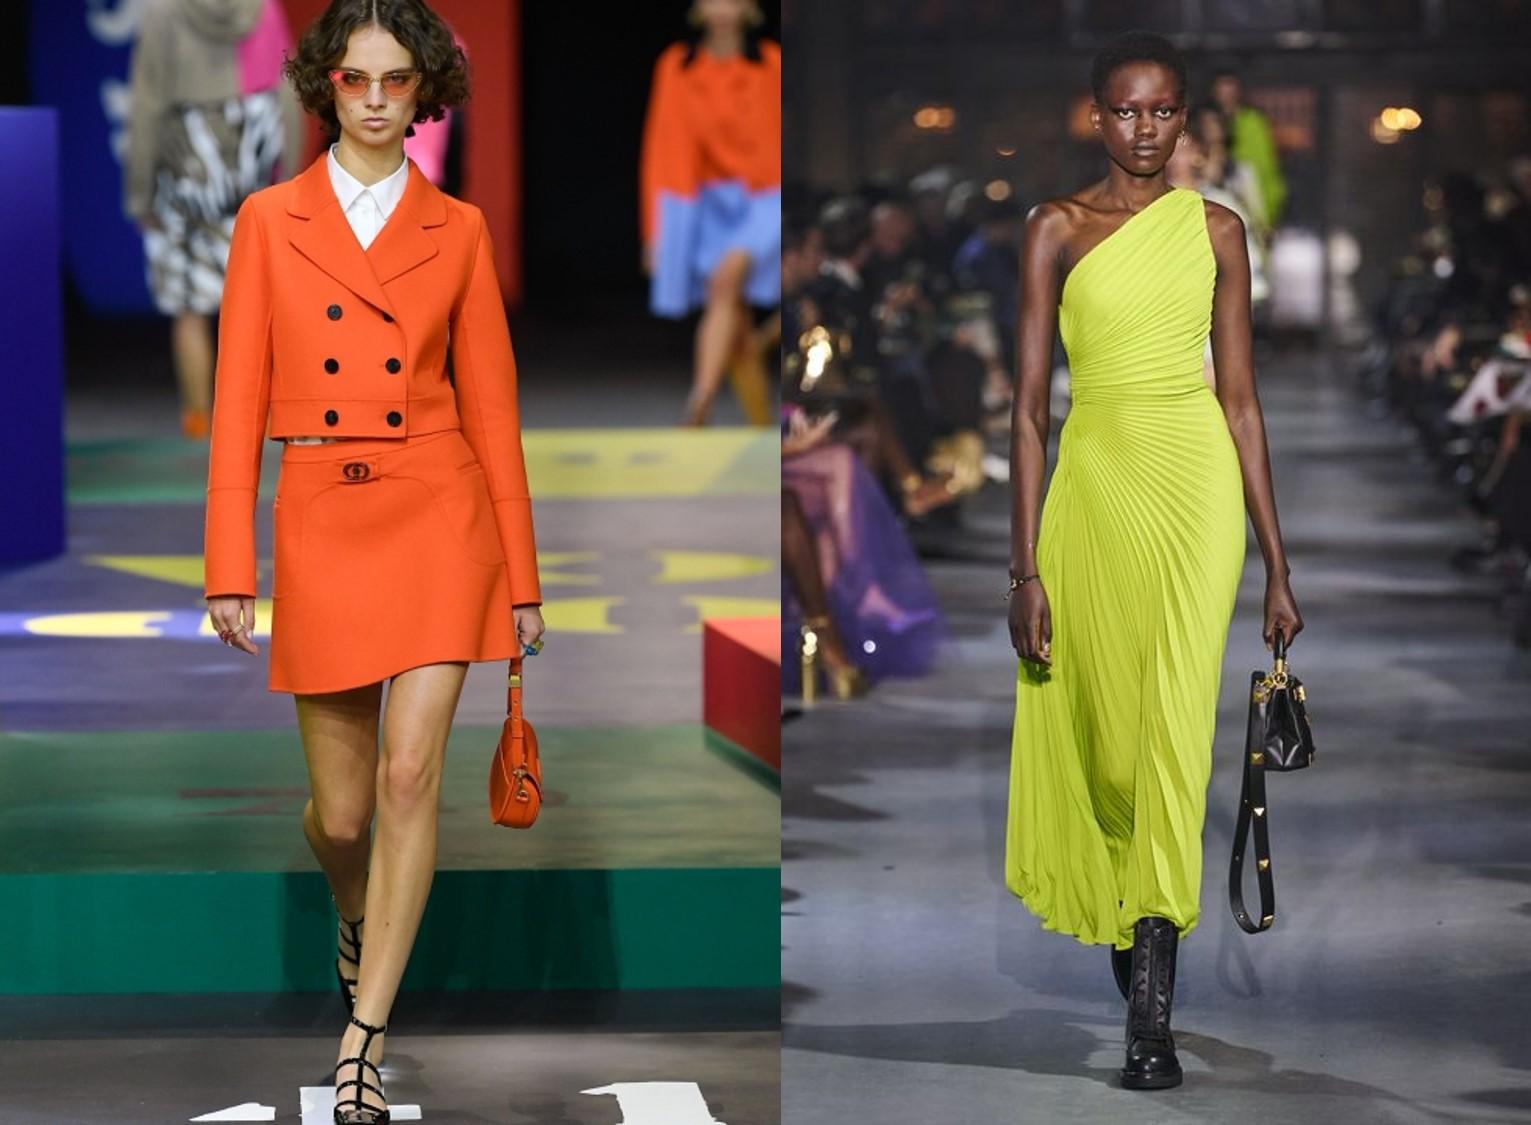 PARIS FASHION WEEK TRENDS: Vibrant Colors